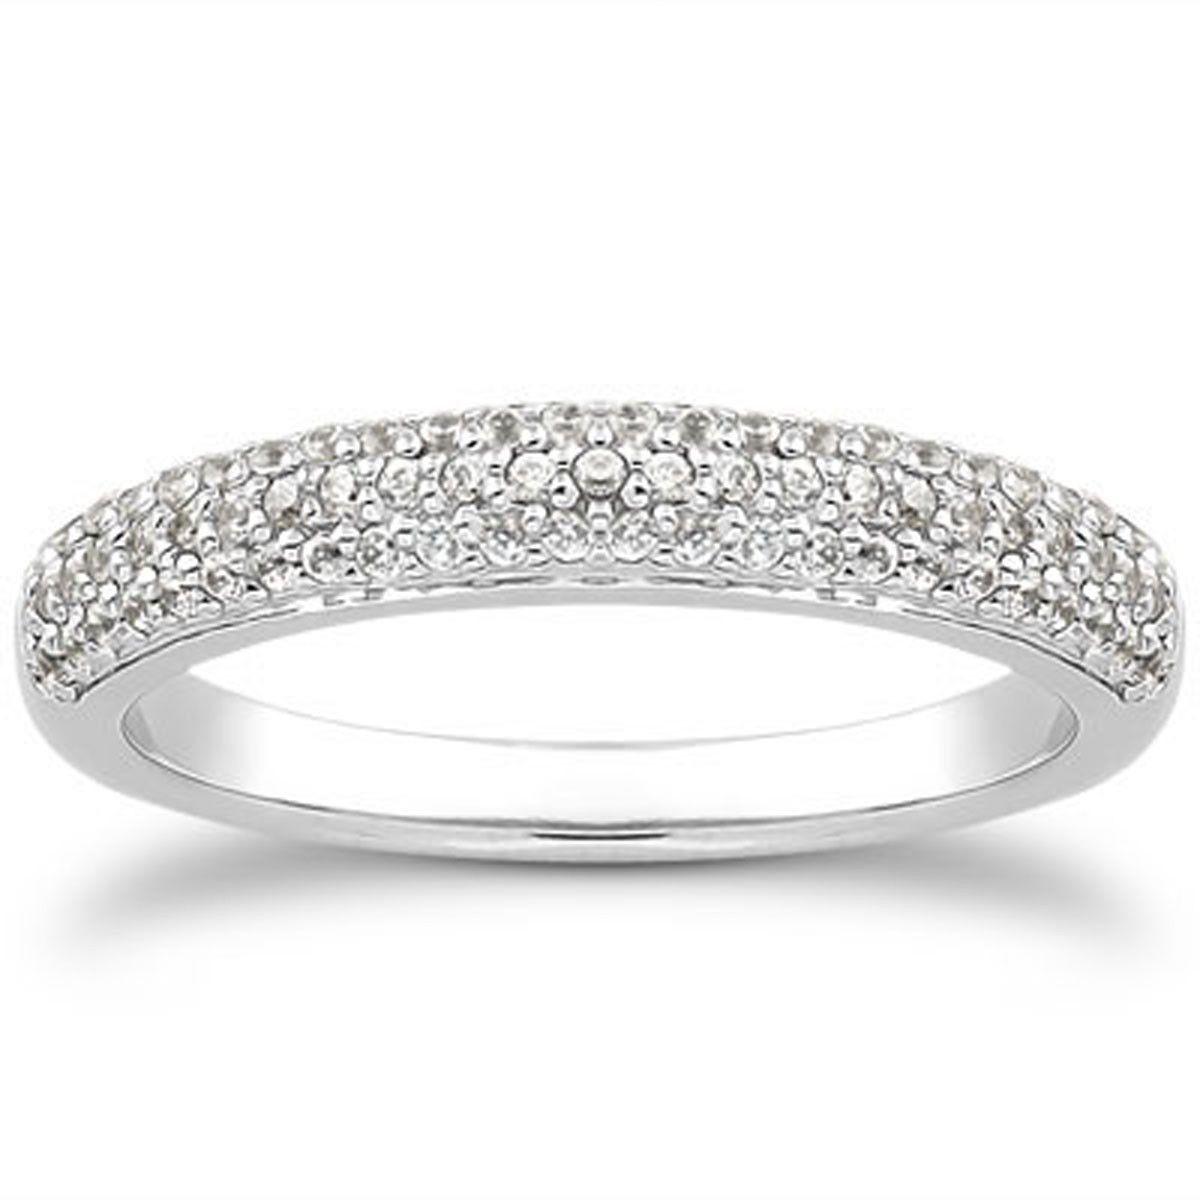 Miadora signature collection 14k white gold 1ct tdw diamond double row - 14k White Gold Triple Multi Row Micro Pave Diamond Wedding Ring Band